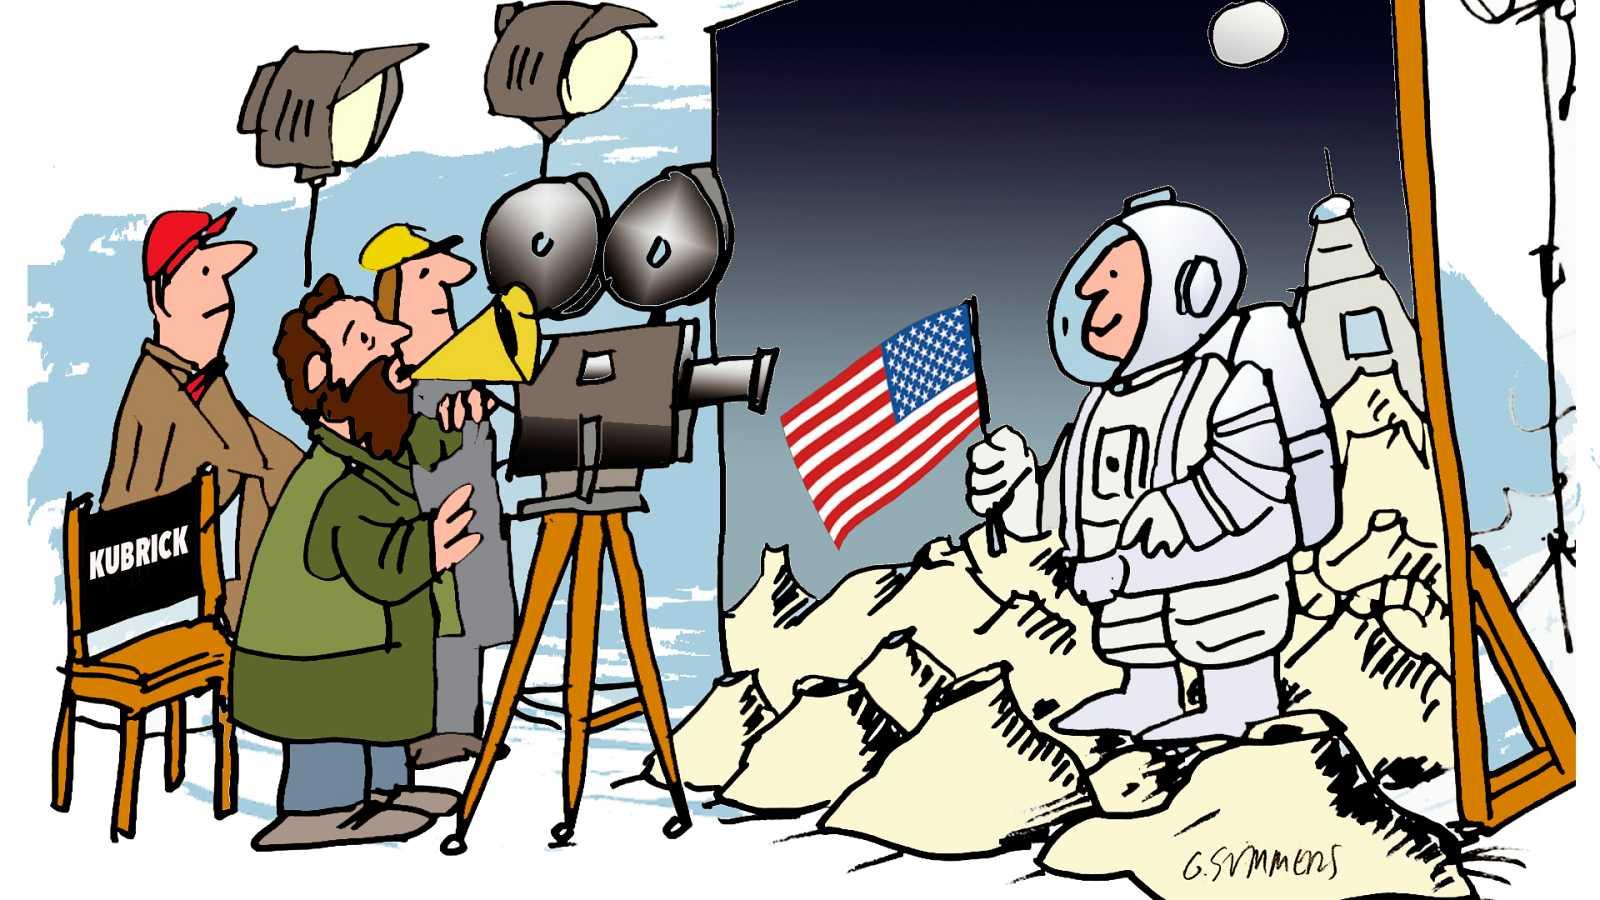 ¡Pero qué invento es esto! - El cine, Kubrick y la luna - Escuchar ahora